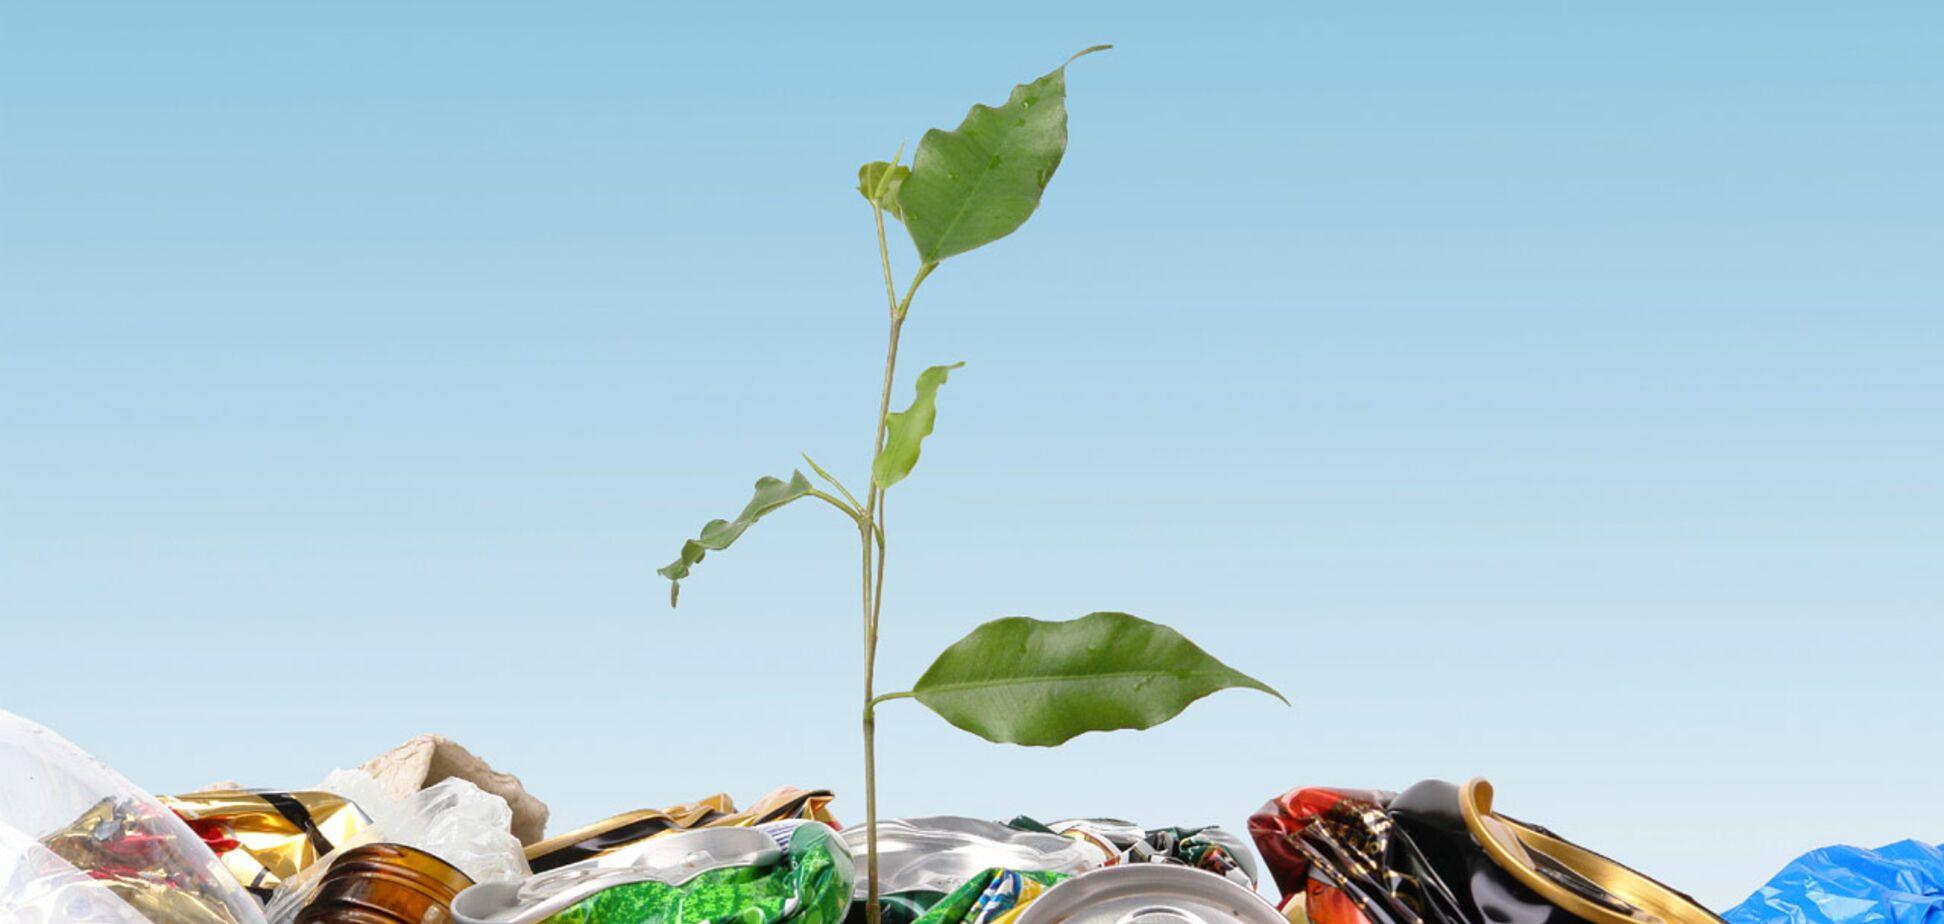 Кто на самом деле не готов к переработке отходов: Украина или Минприроды?